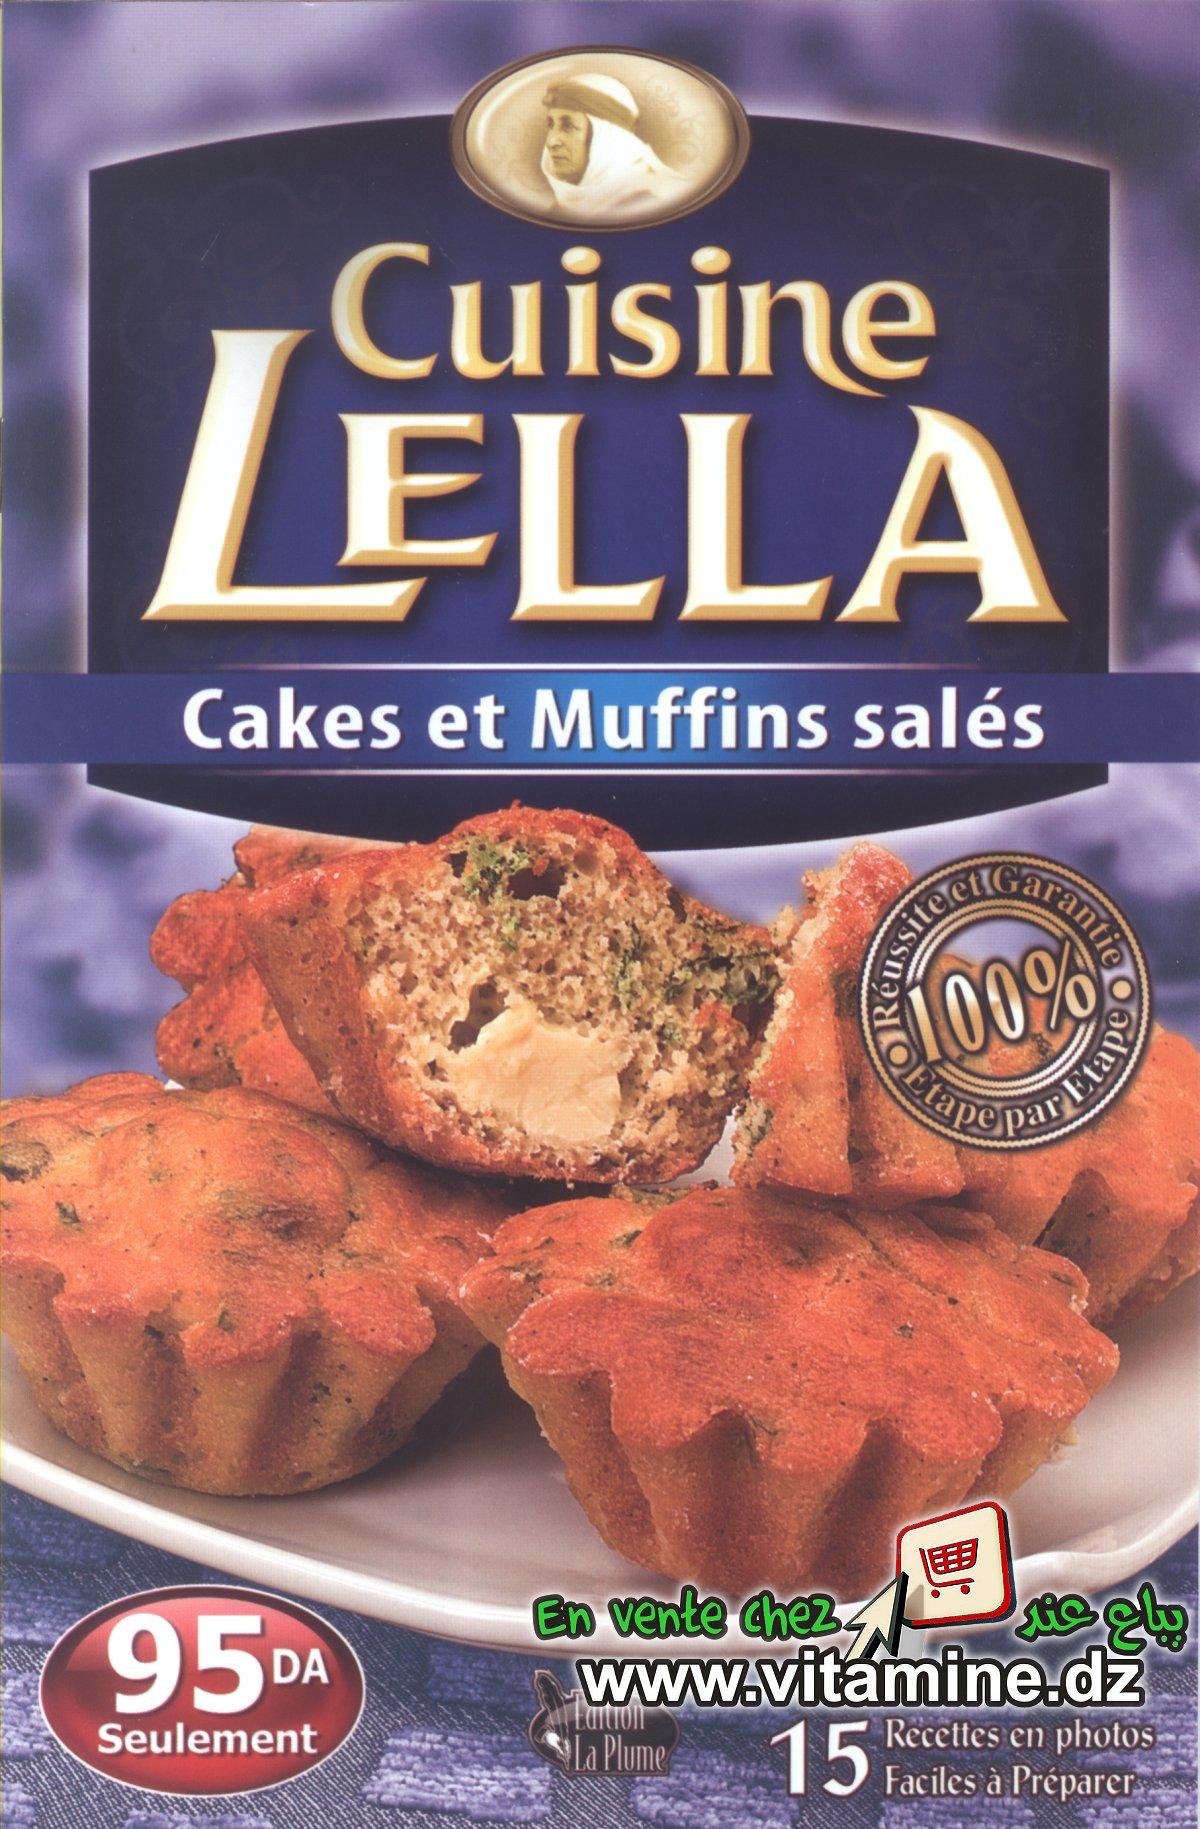 Cuisine Lella - Cakes et muffins salés